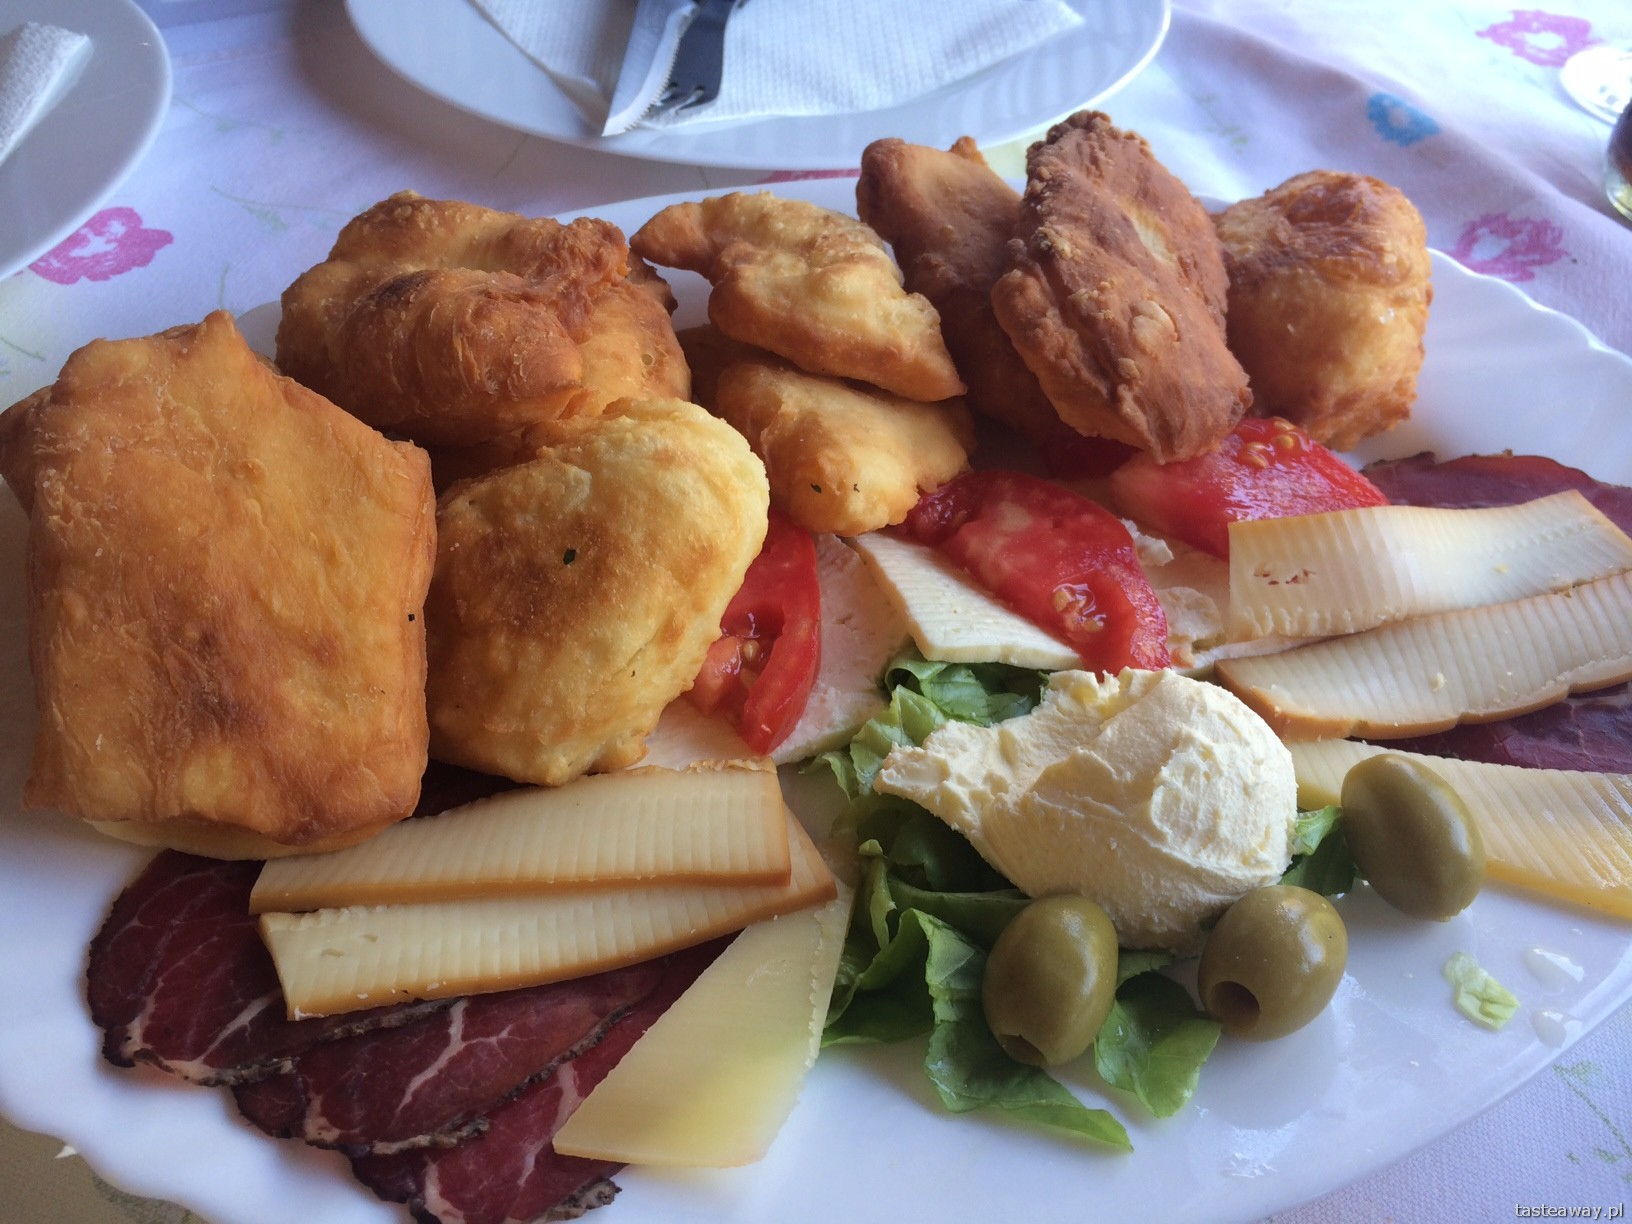 peksimet, przekąski, Mostar, Bośnia, Kuchnia Bałkańka